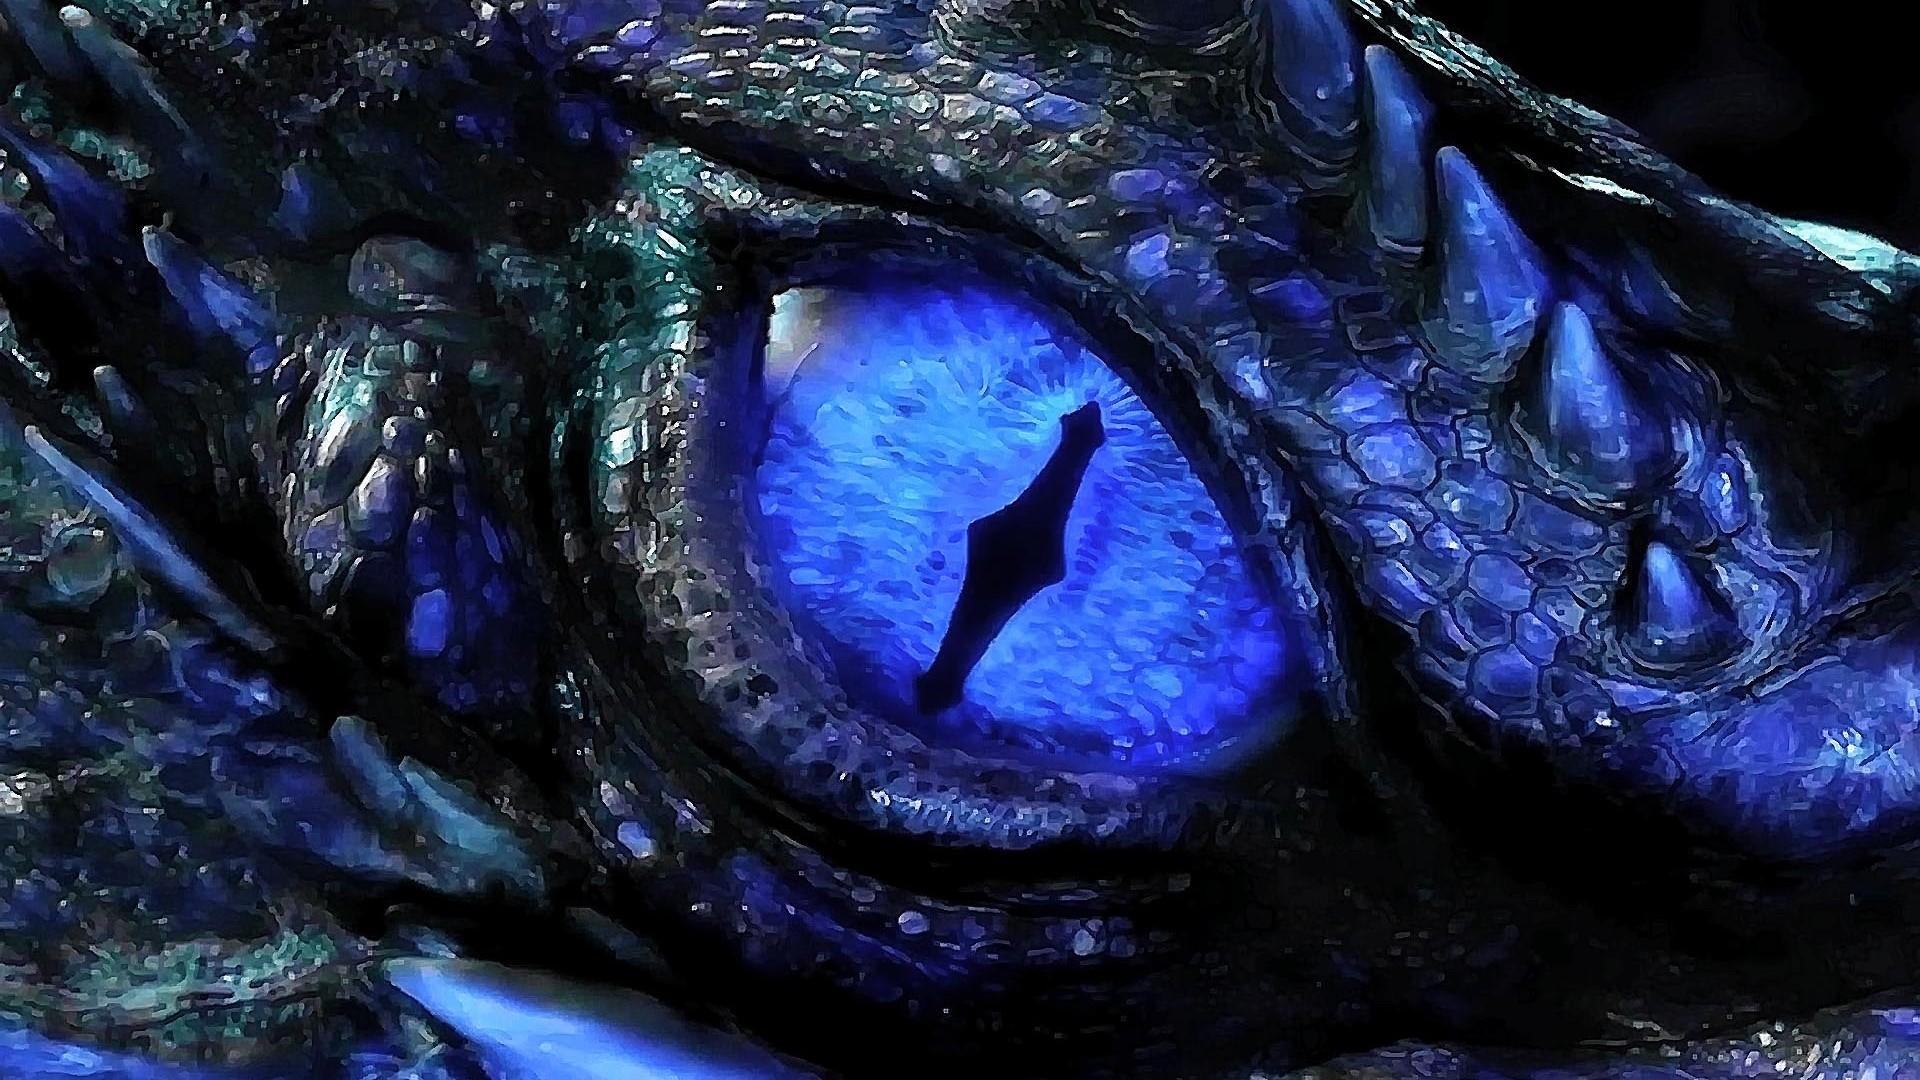 Dragon Eye (1080p) – Wallpaper – Wallpaper Style